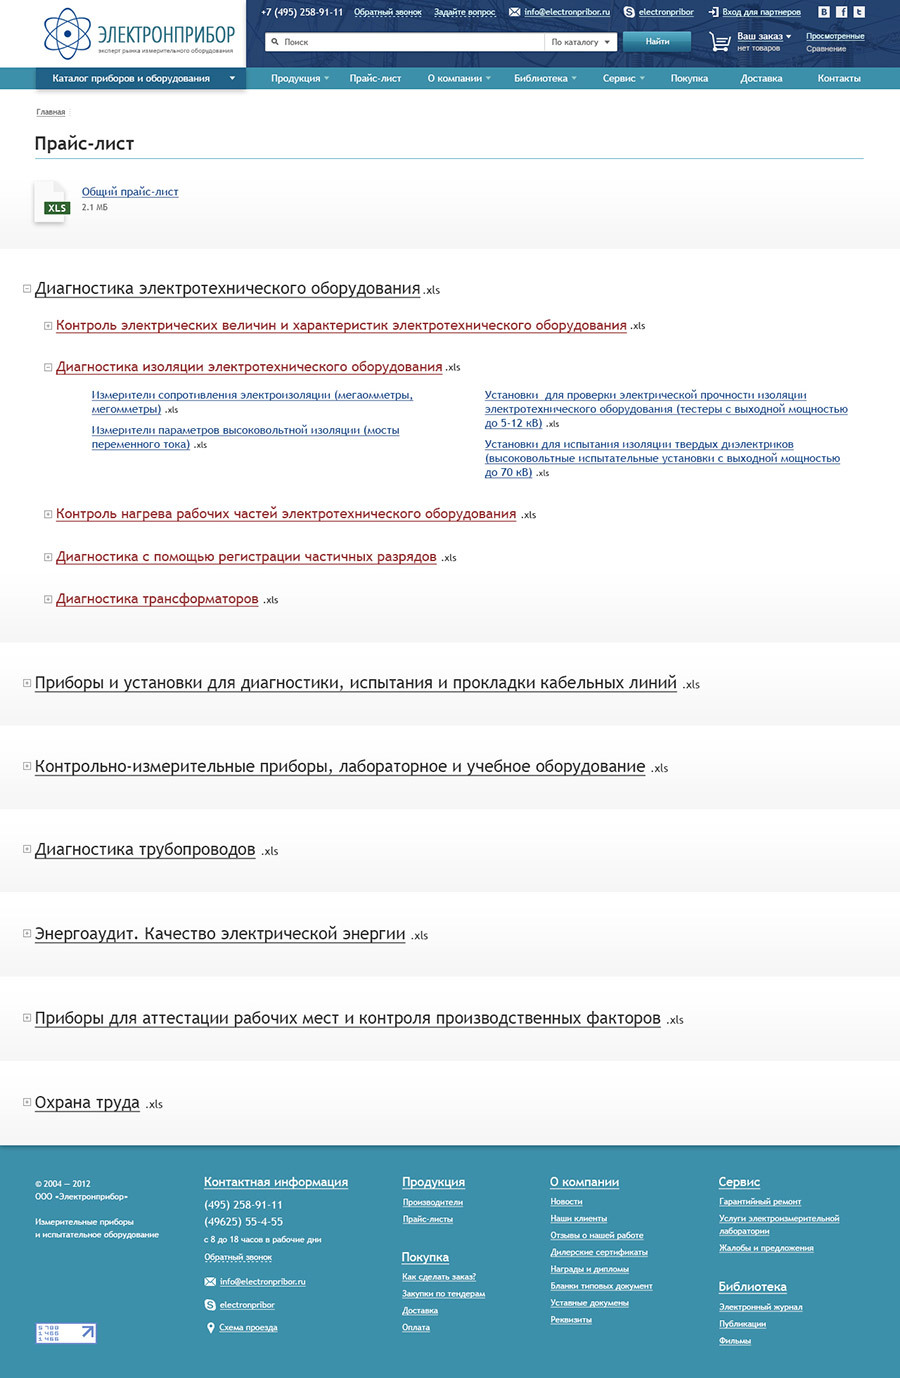 Прайс-листы на приборы всех категорий представлены на одной странице